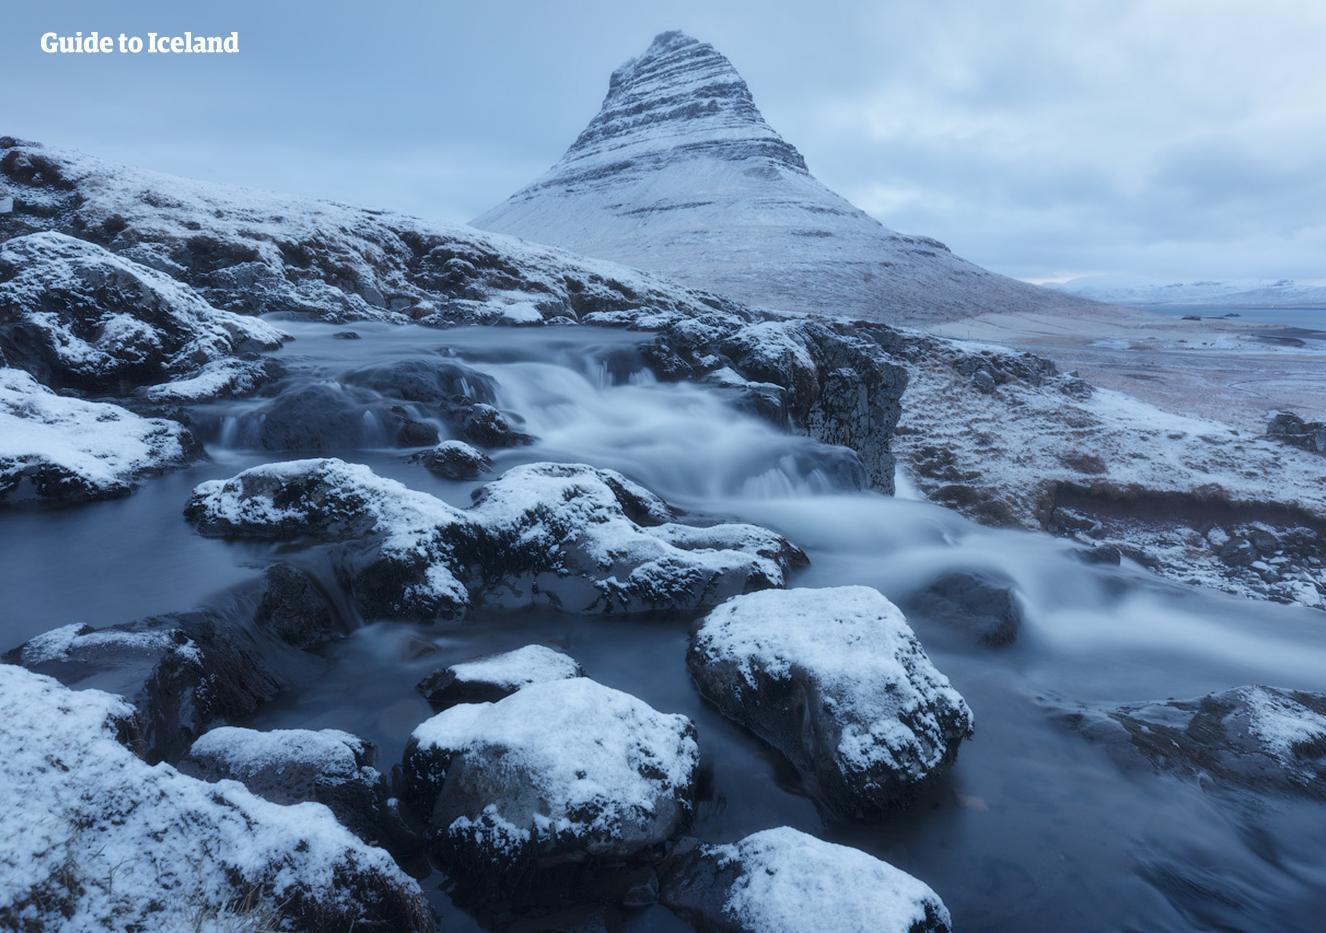 位于斯奈山半岛的教会山,冬季冰雪覆盖